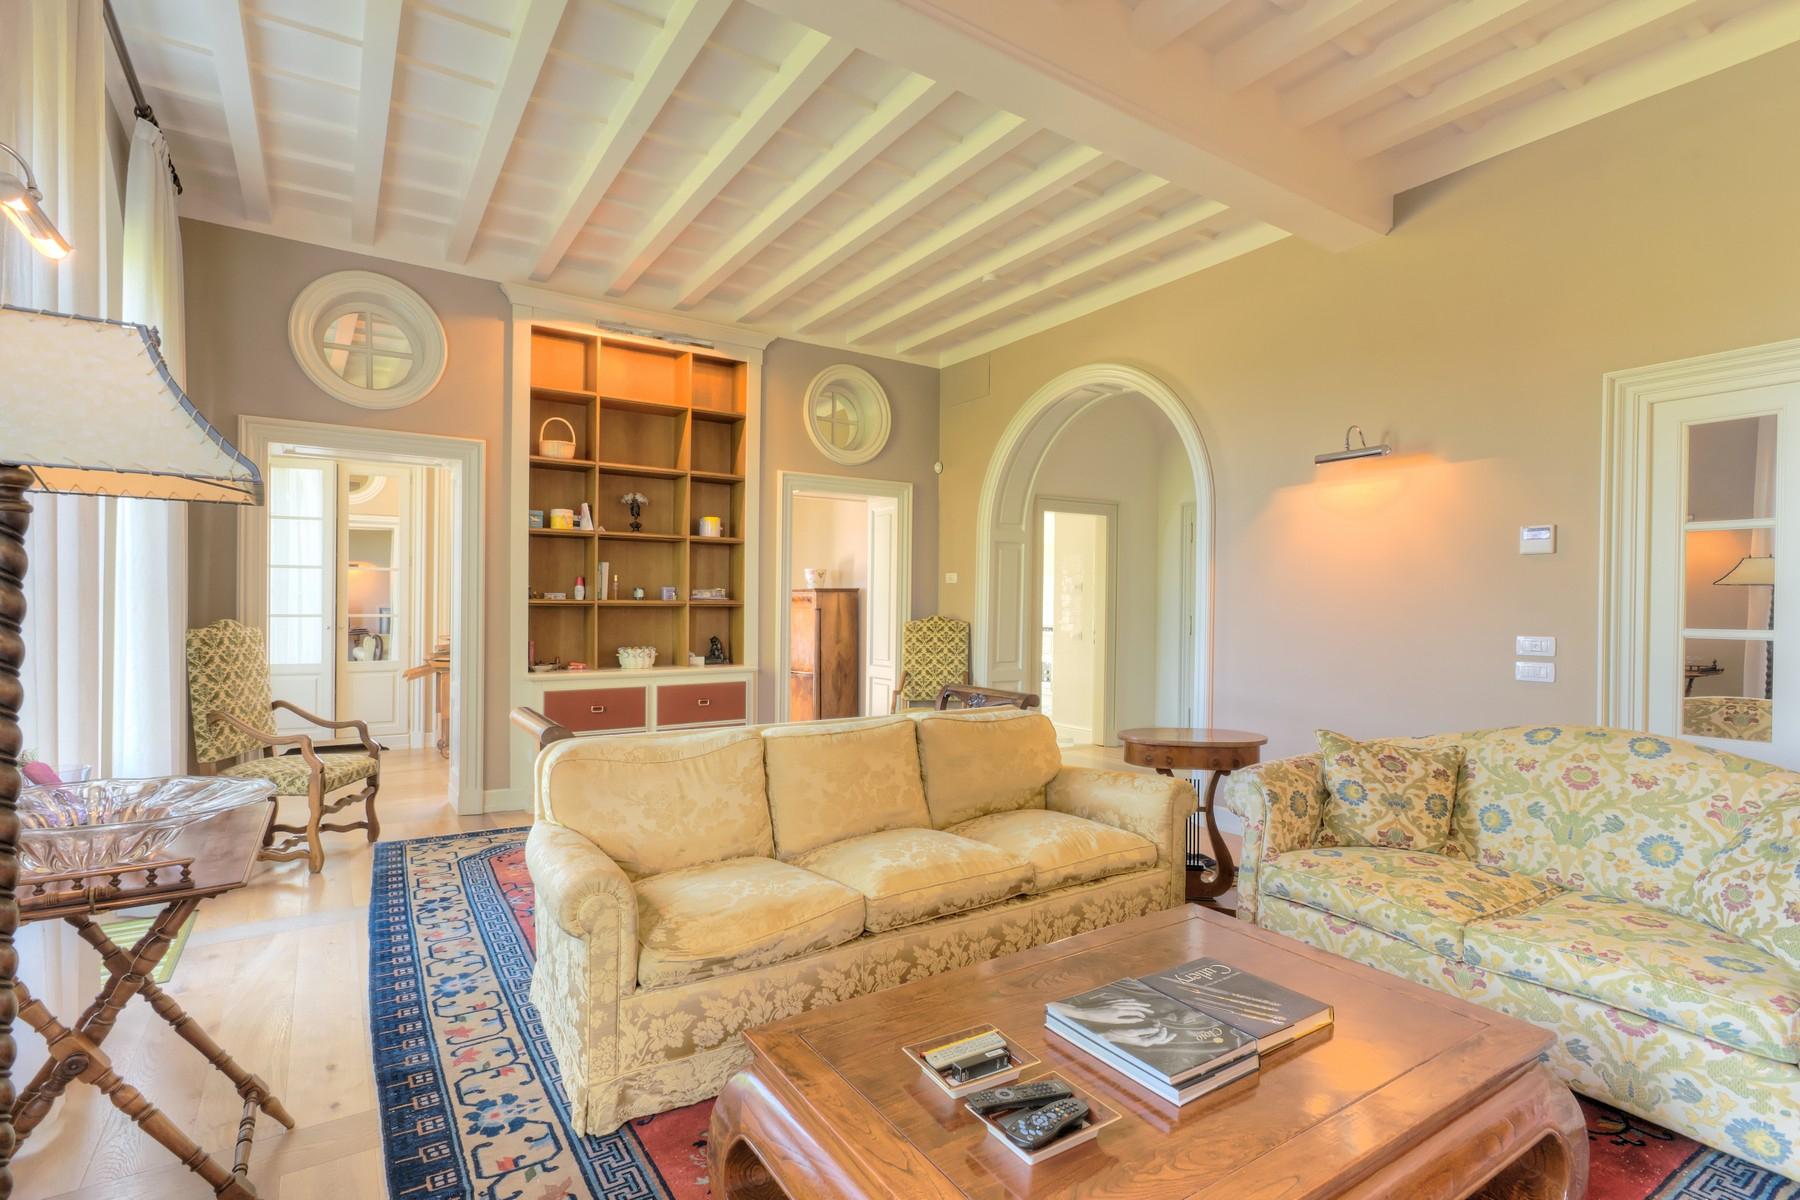 Villa in Vendita a Firenze: 5 locali, 360 mq - Foto 5